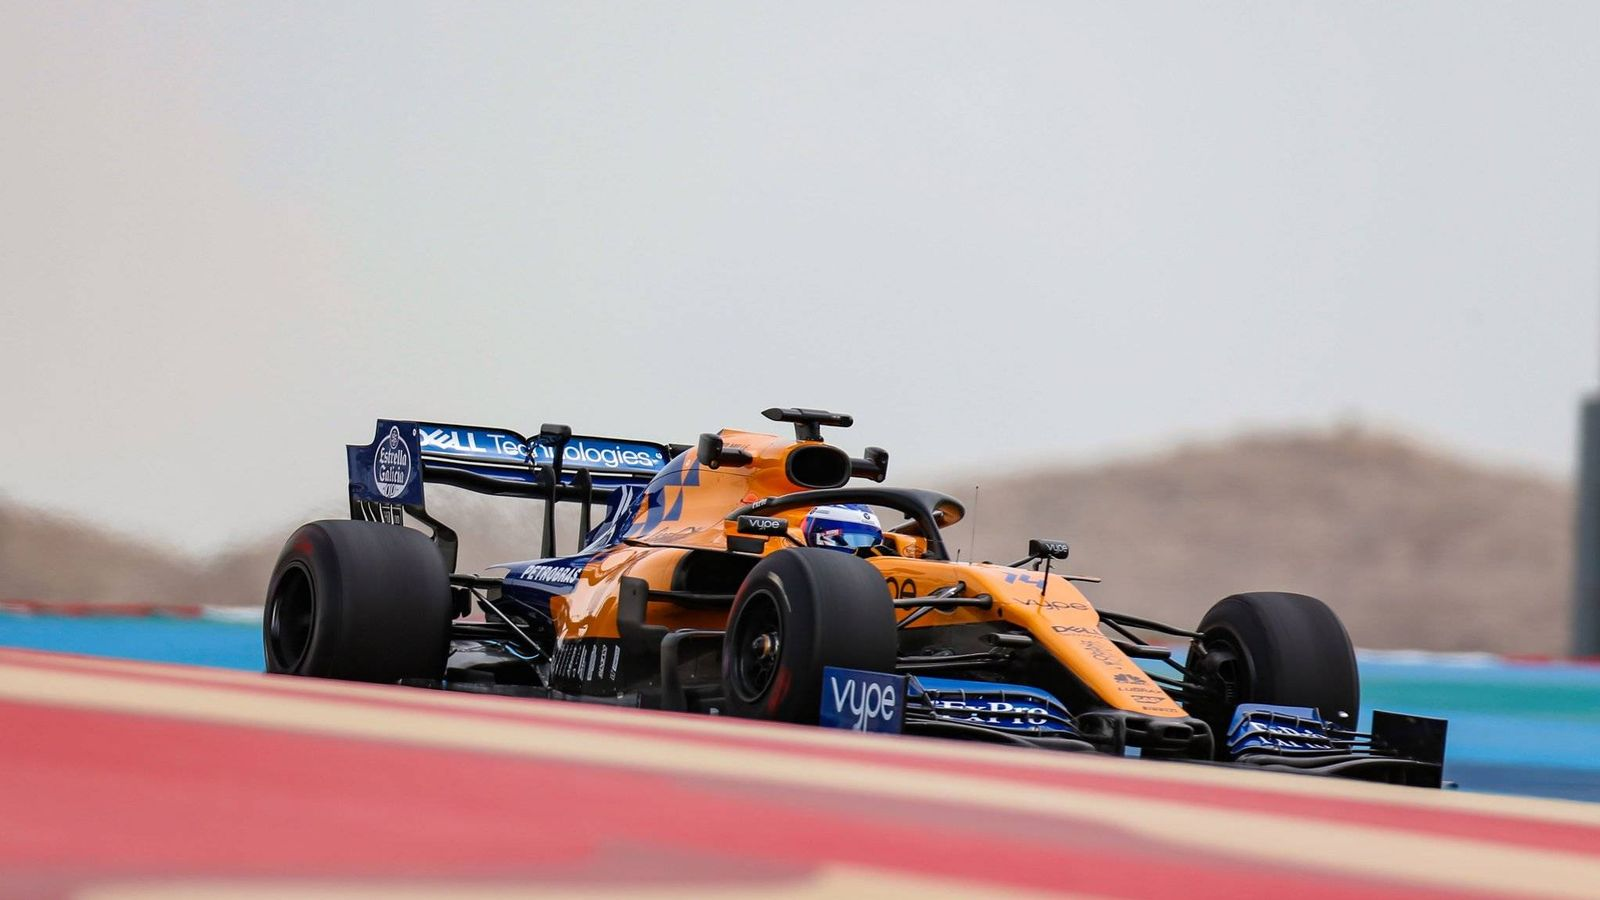 Foto: Fernando Alonso durante su primer contacto con el MCL34 en Sakhir. (McLaren)